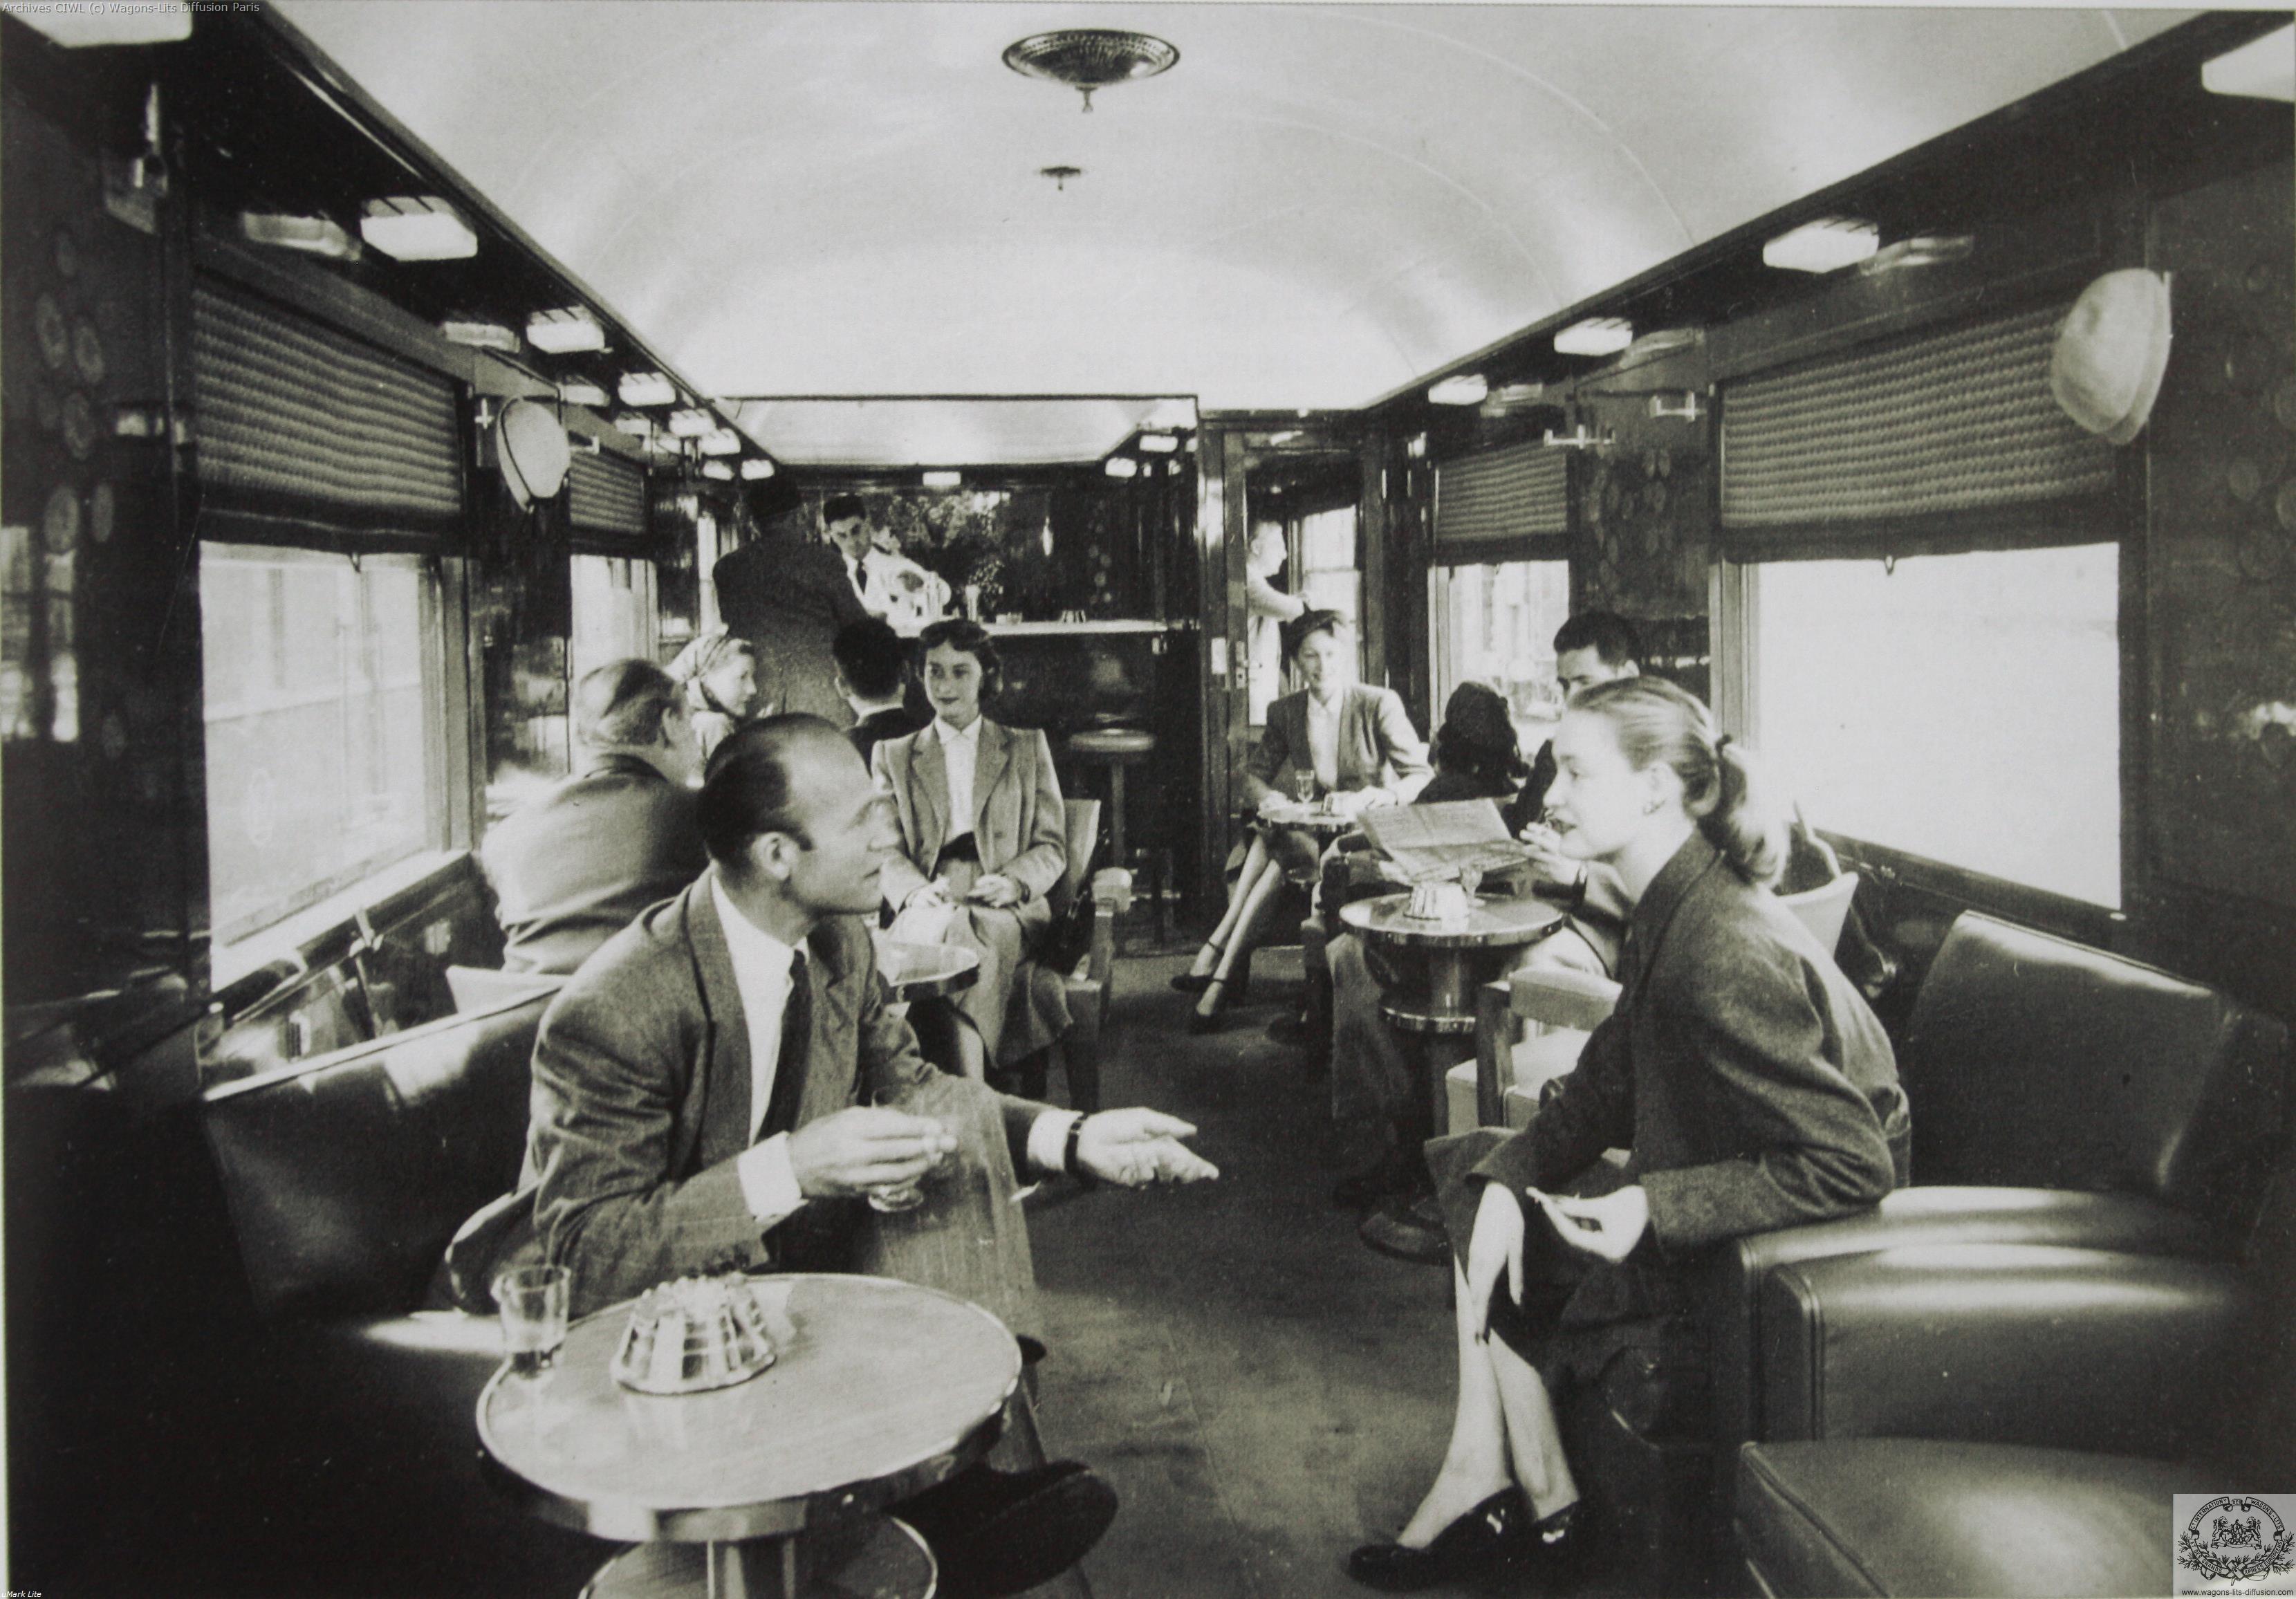 Wl voiture bar lalique 1950 photo pub 2